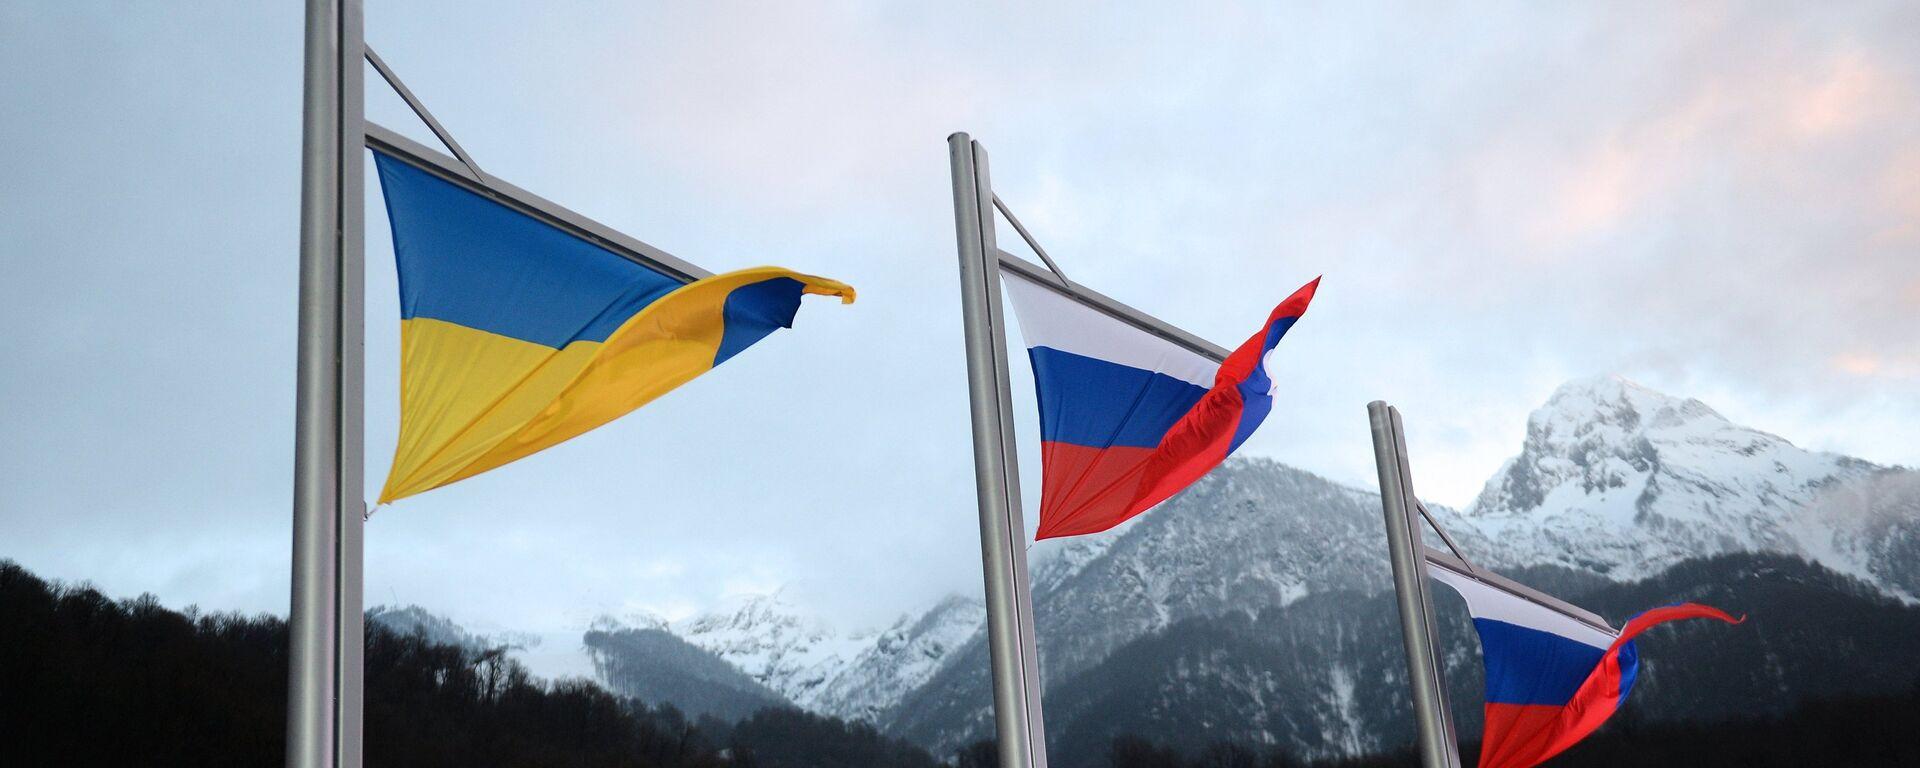 Banderas de Rusia y Ucrania - Sputnik Mundo, 1920, 07.09.2021